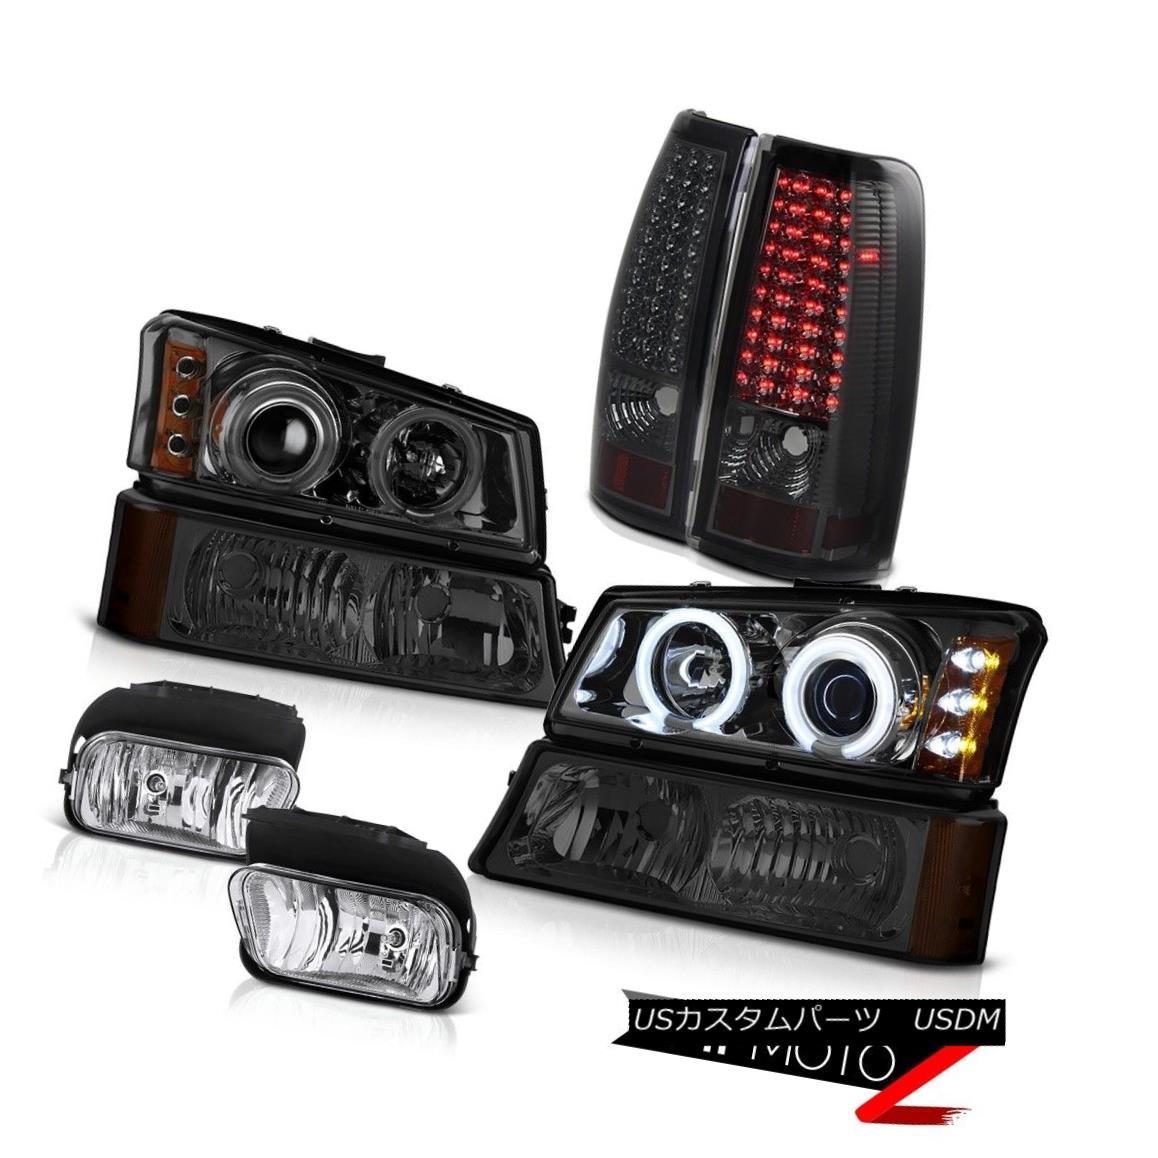 テールライト 03 04 05 06 Silverado 2x CCFL Angel Eye Headlight LED Taillamps Driving Foglight 03 04 05 06 Silverado 2x CCFLエンジェルアイヘッドライトLEDタイルランプFoglightの駆動